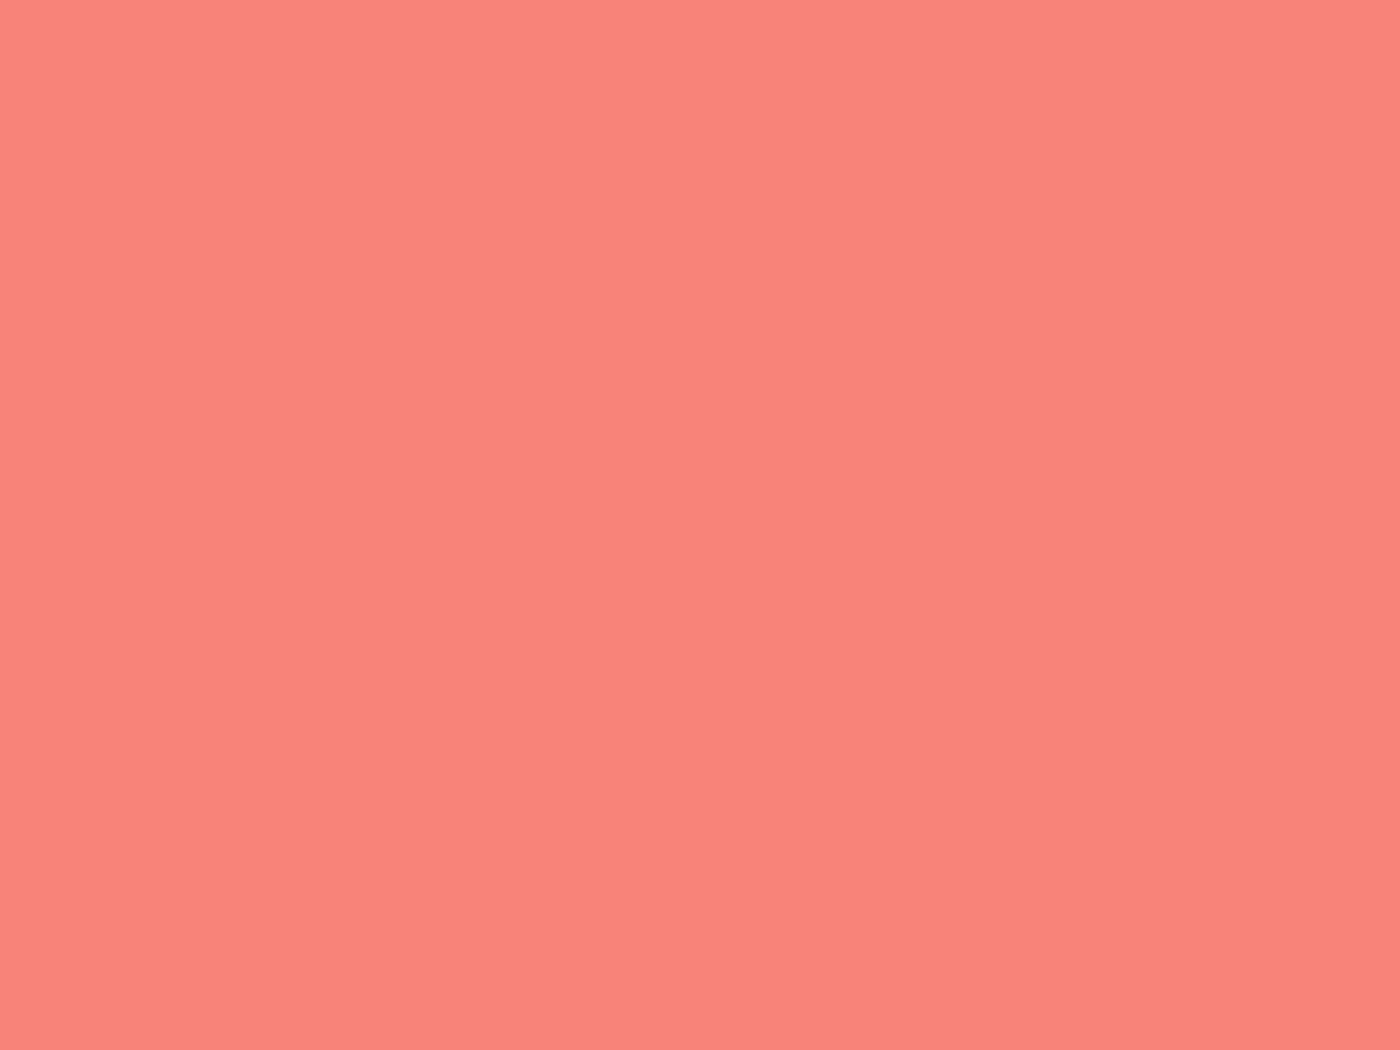 1400x1050 Tea Rose Orange Solid Color Background